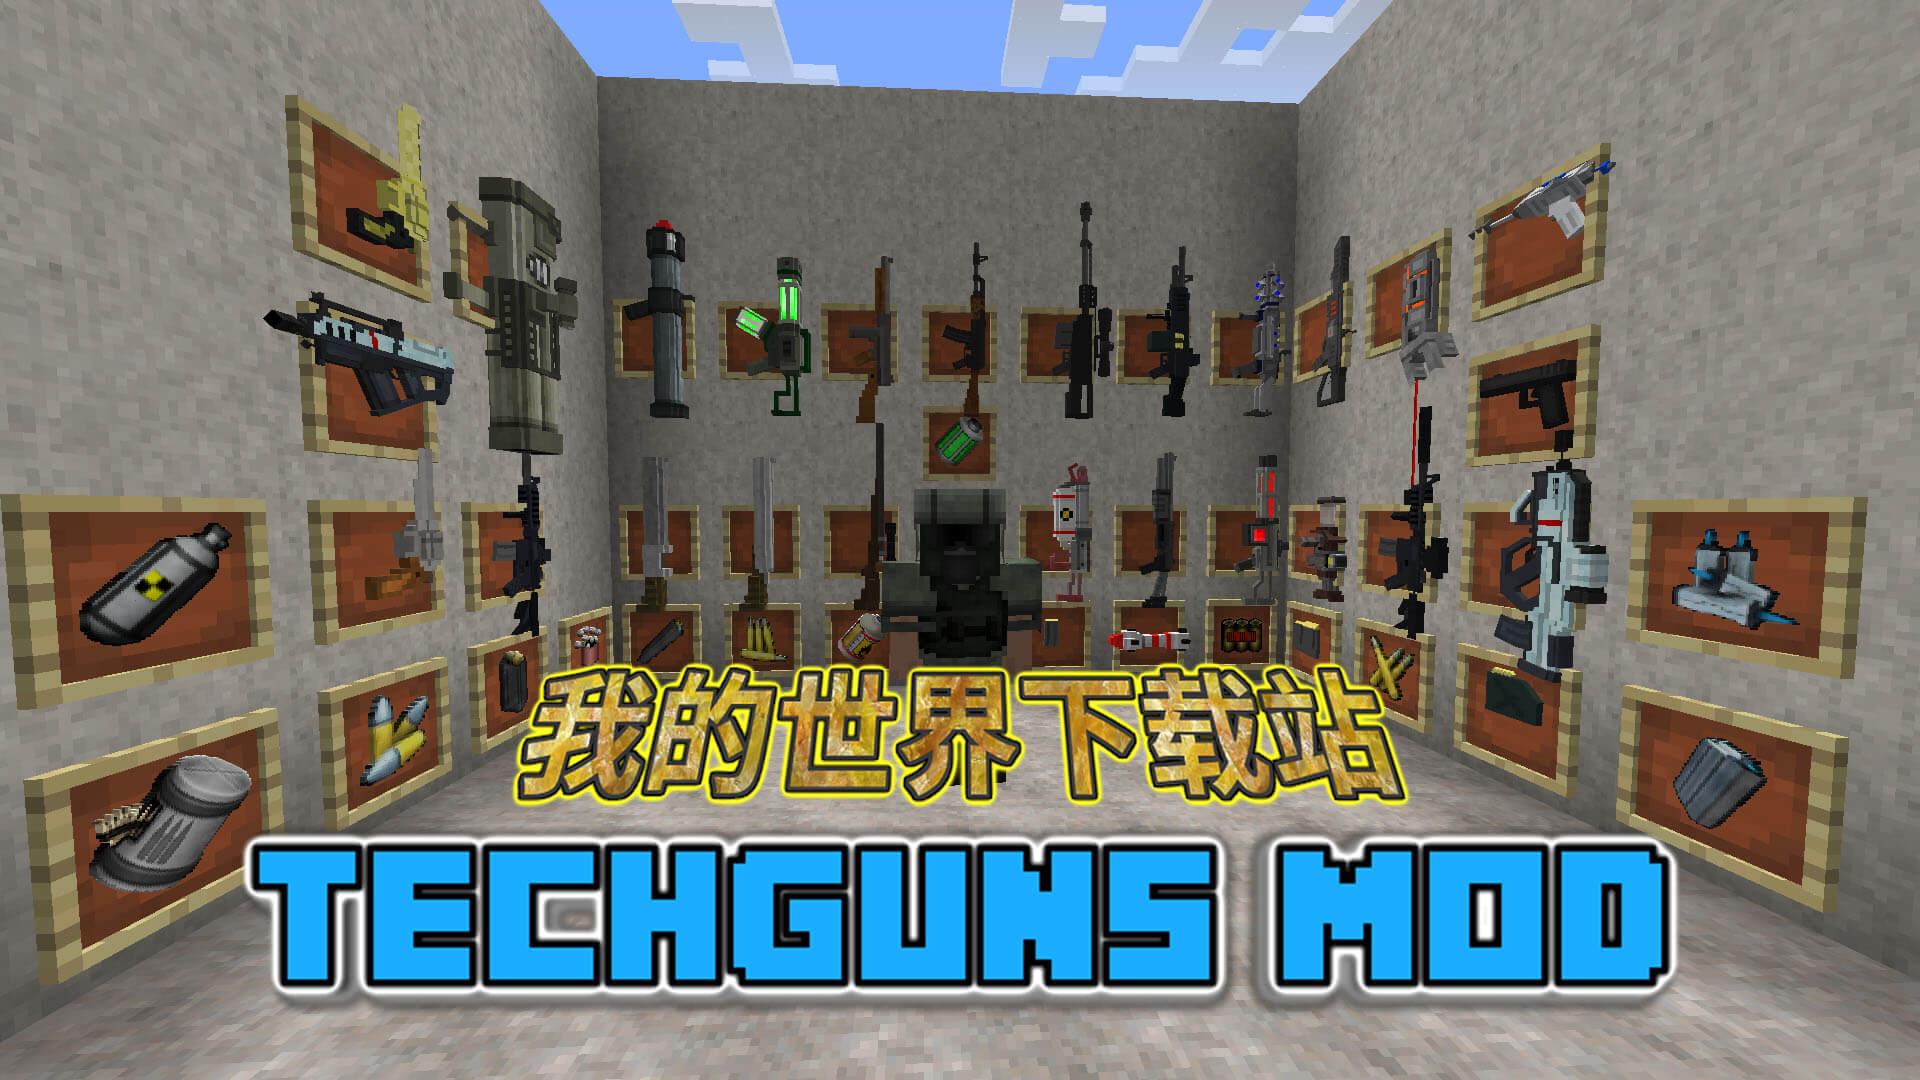 我的世界科技枪(Techguns)MOD